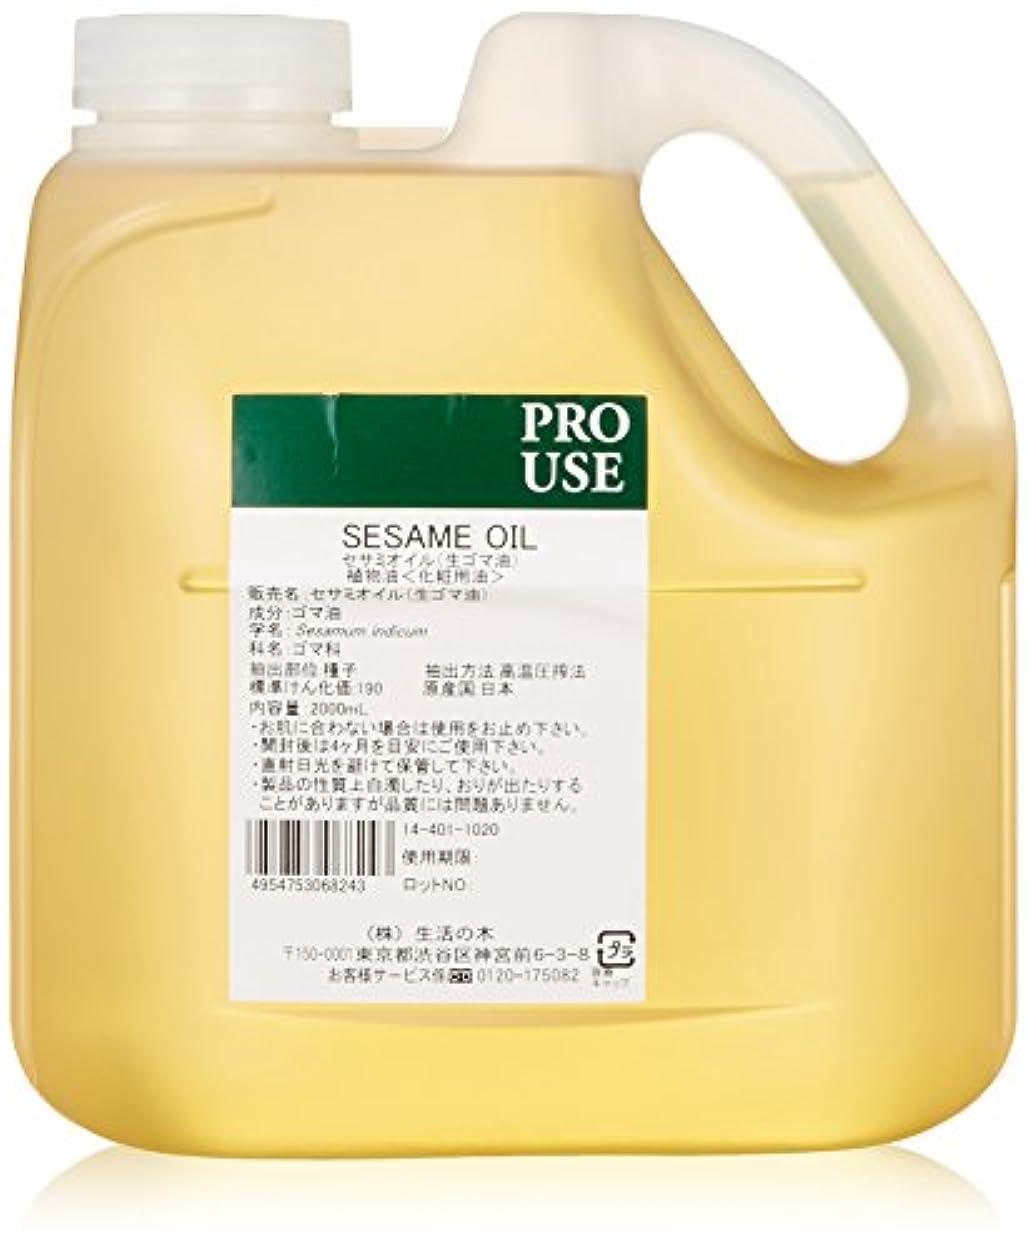 クラック後者縁セサミオイル(生ゴマ油)2000mL